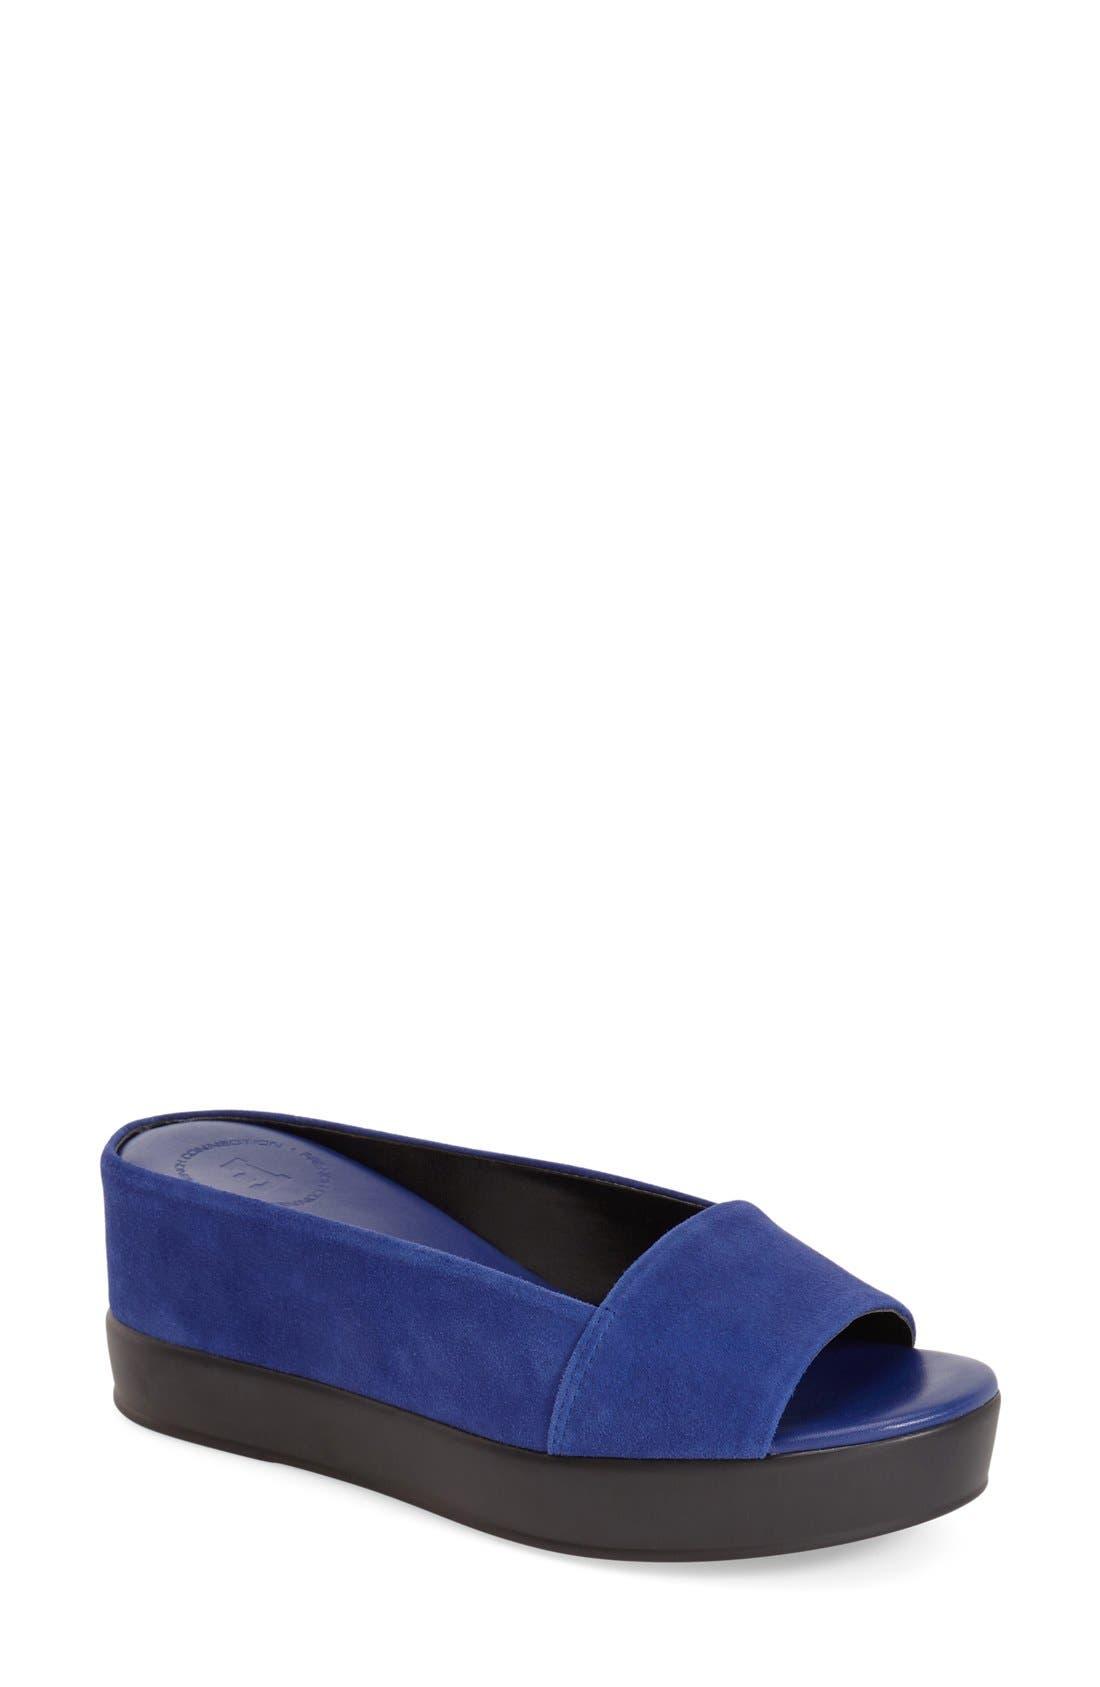 Main Image - French Connection 'Pepper' Slip-On Platform Sandal (Women)